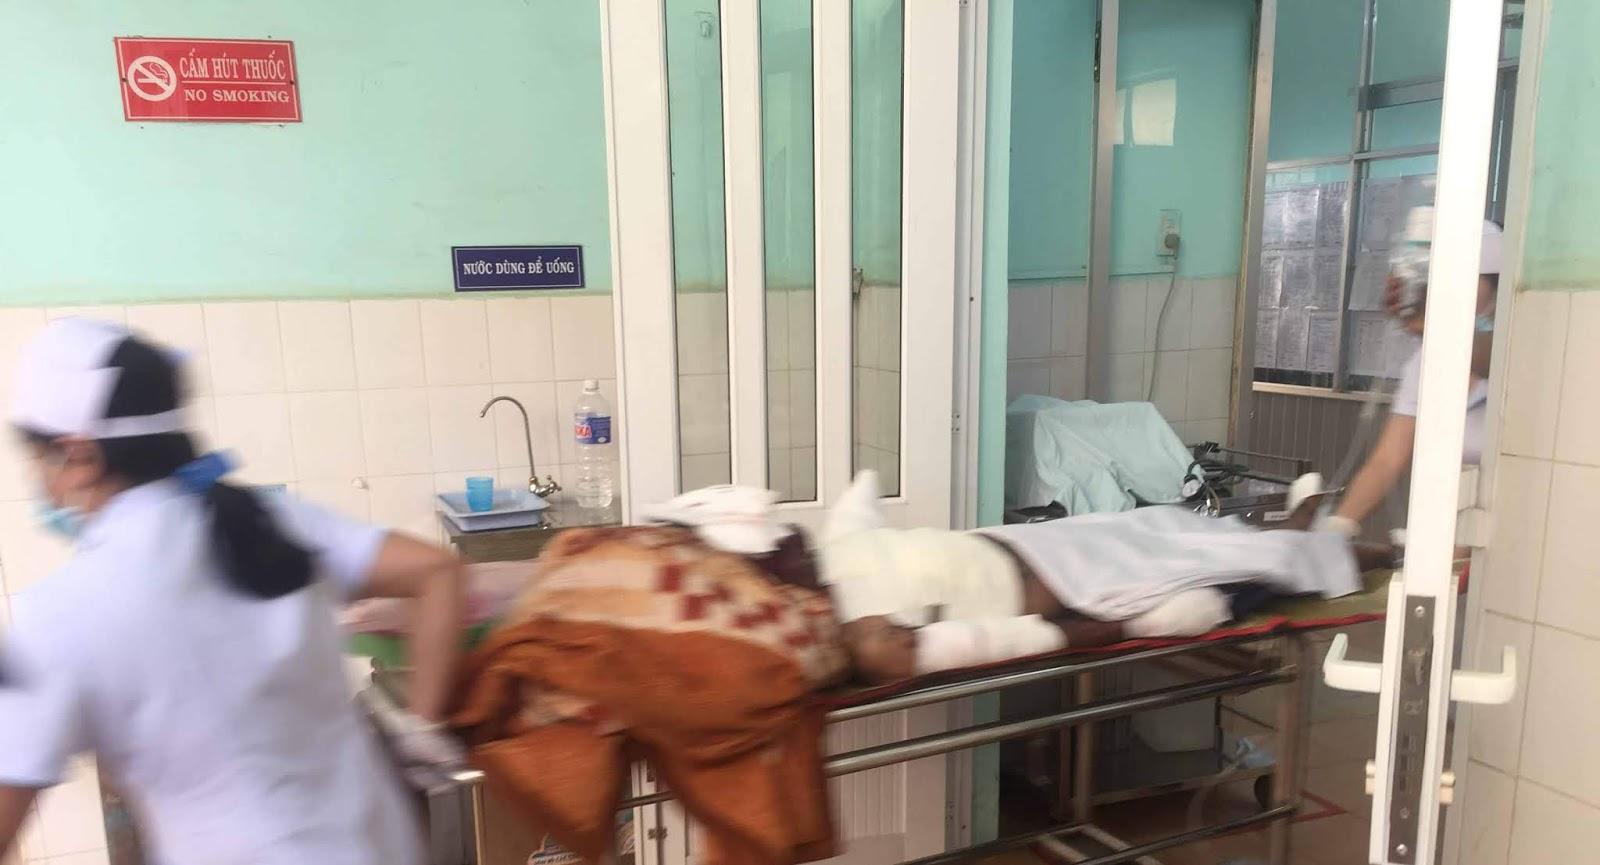 Gia Lai: Bị giang hồ đòi nợ, vợ uống thuốc độc tự tử, chồng bị nổ mìn nguy kịch